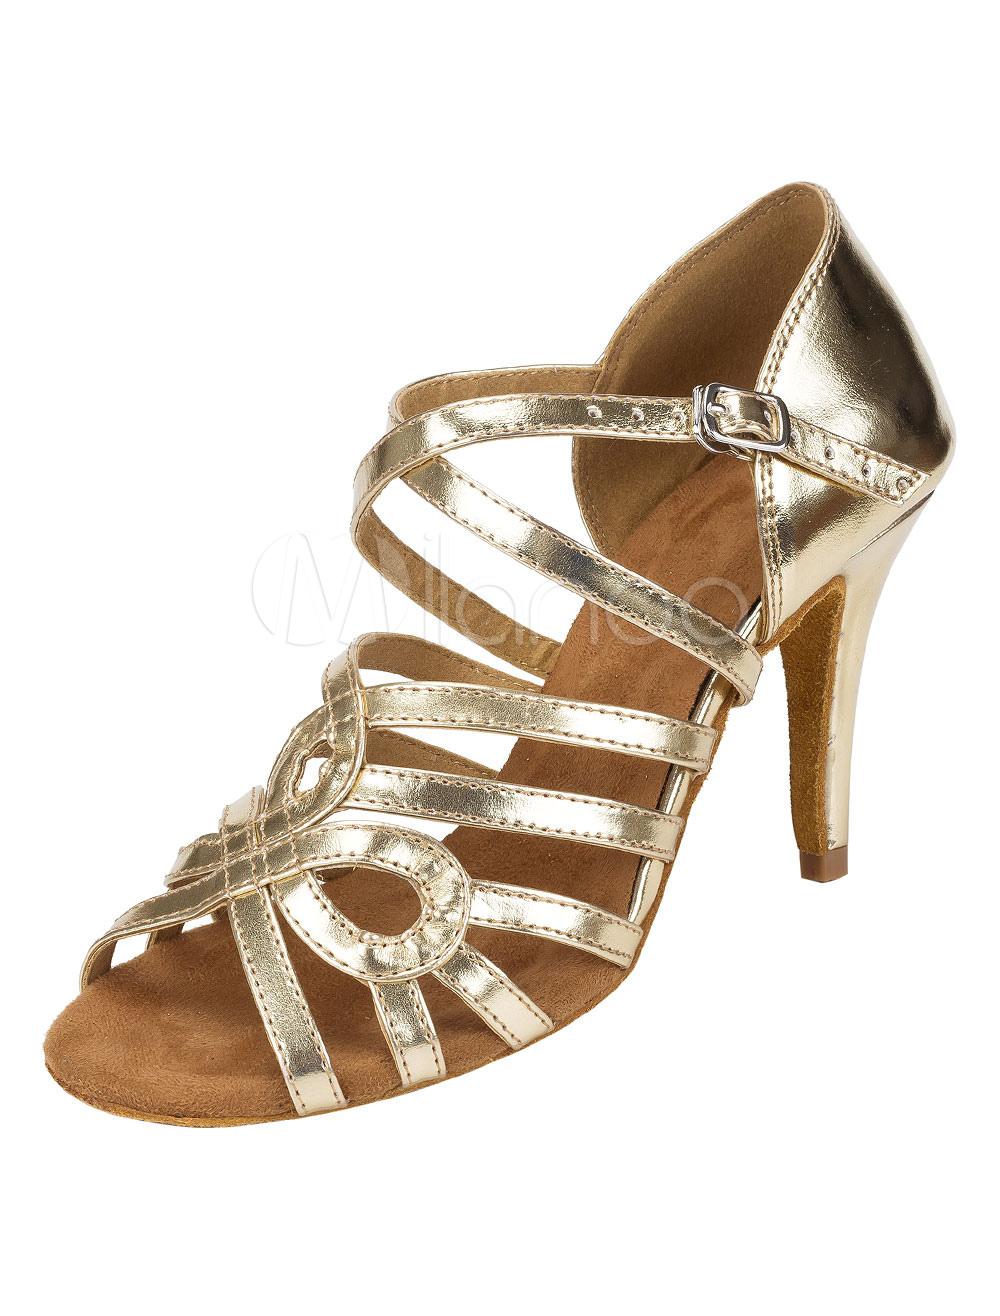 Zapatos de bailes latinos de puntera abierta de tacón de stiletto de PU para baile jrlkEPj